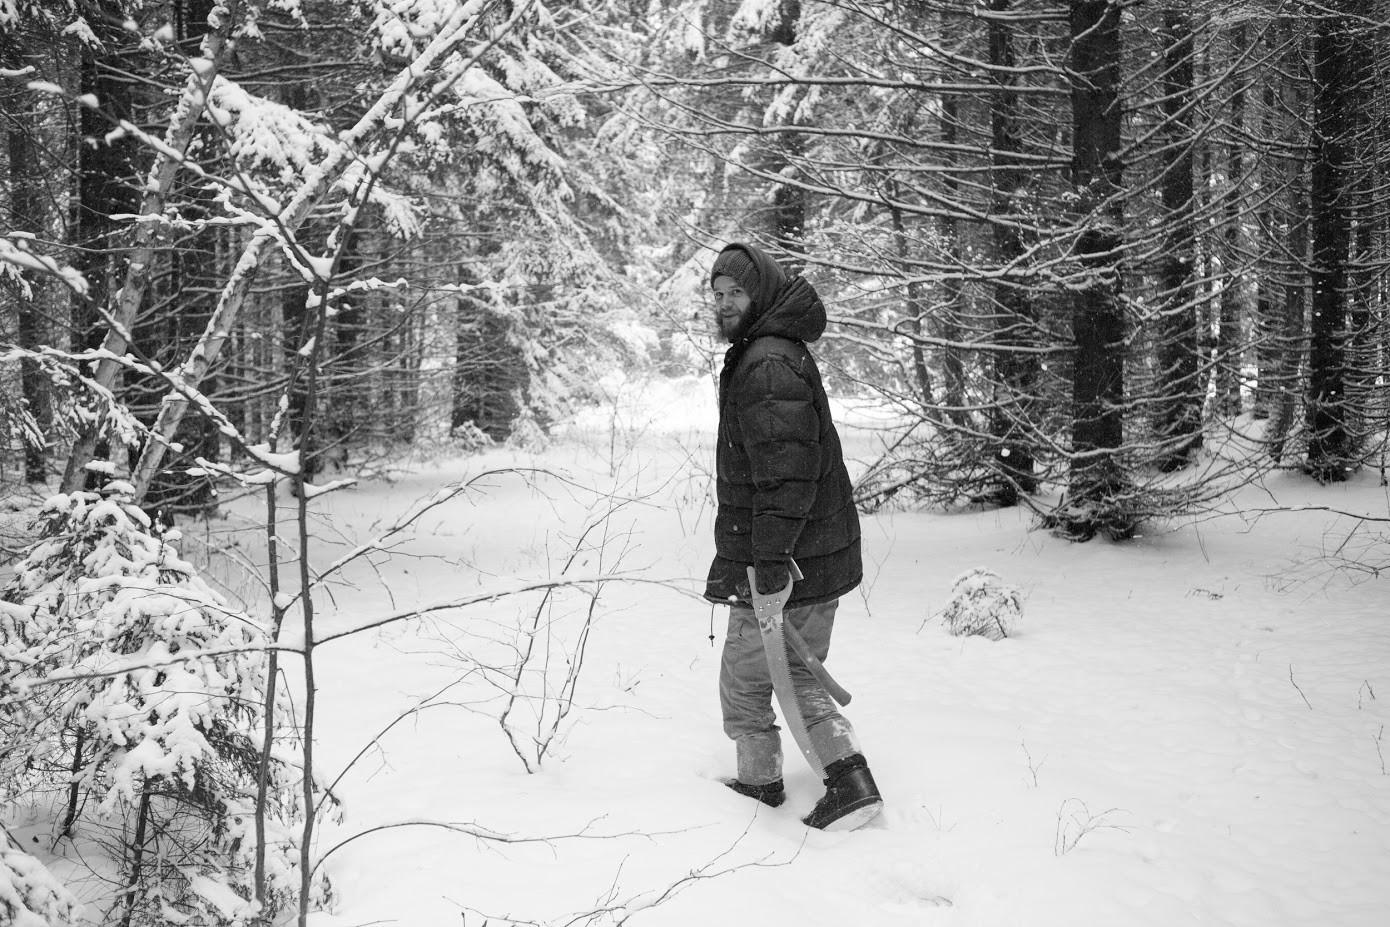 Andrej, nekdaj novinar v Moskvi, se je odločil za bivanje v gozdu.